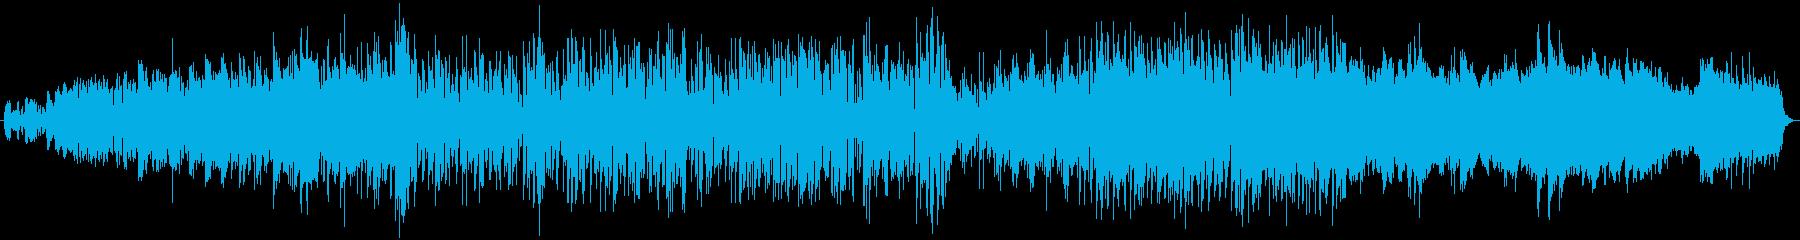 フュージョン センチメンタル 感情...の再生済みの波形